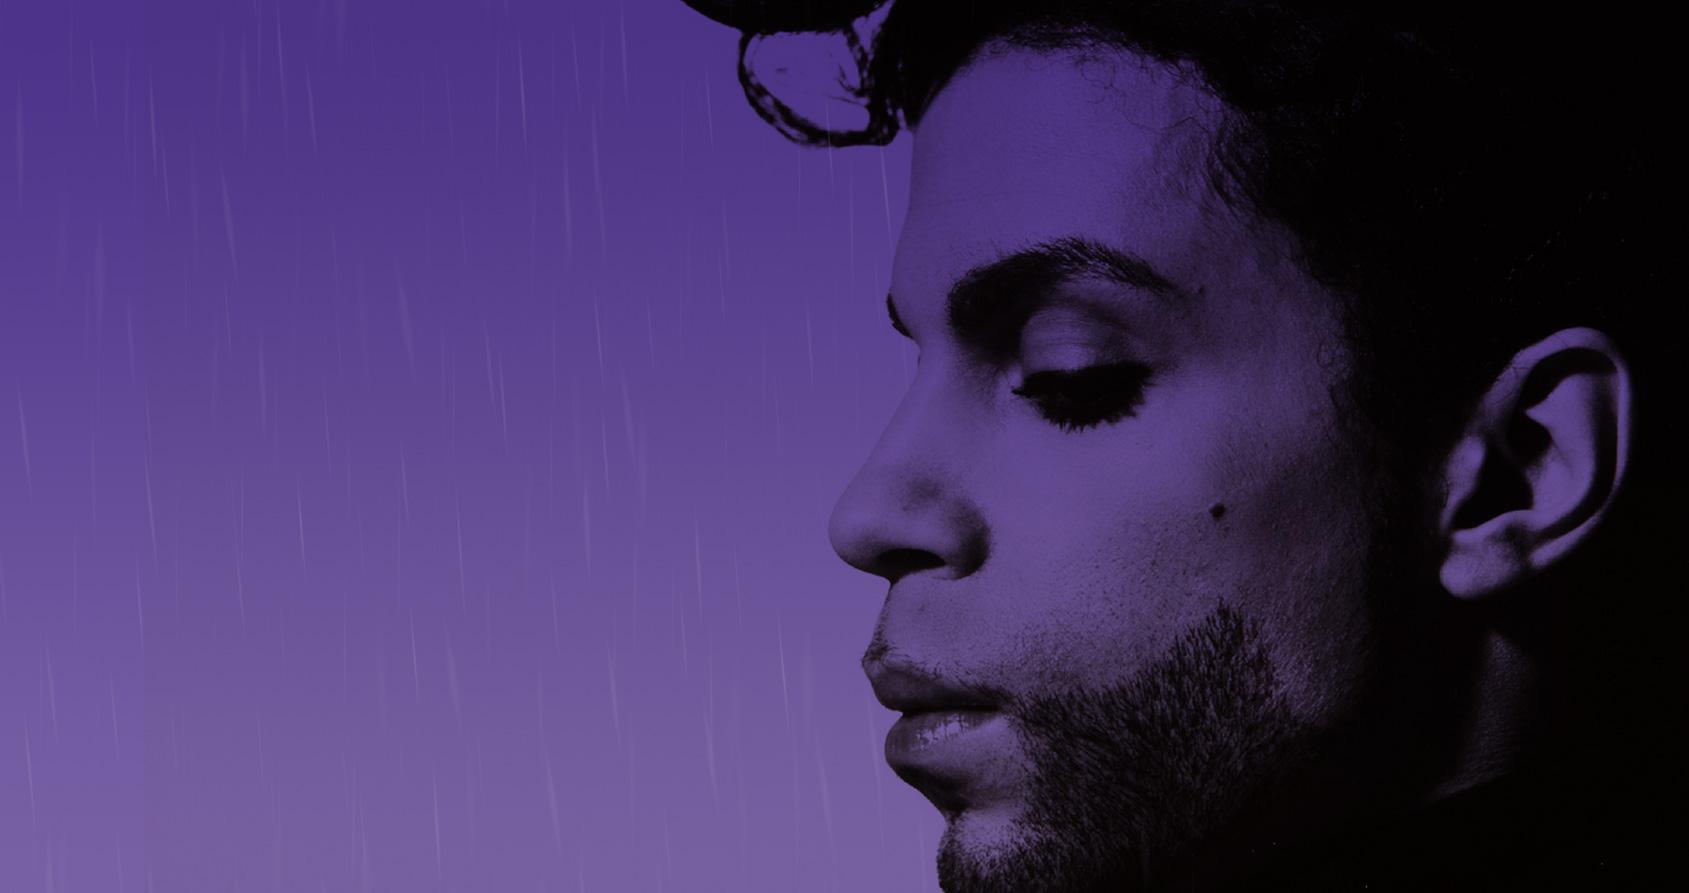 Rencontre intime avec Prince au sommet de sa gloire (2)